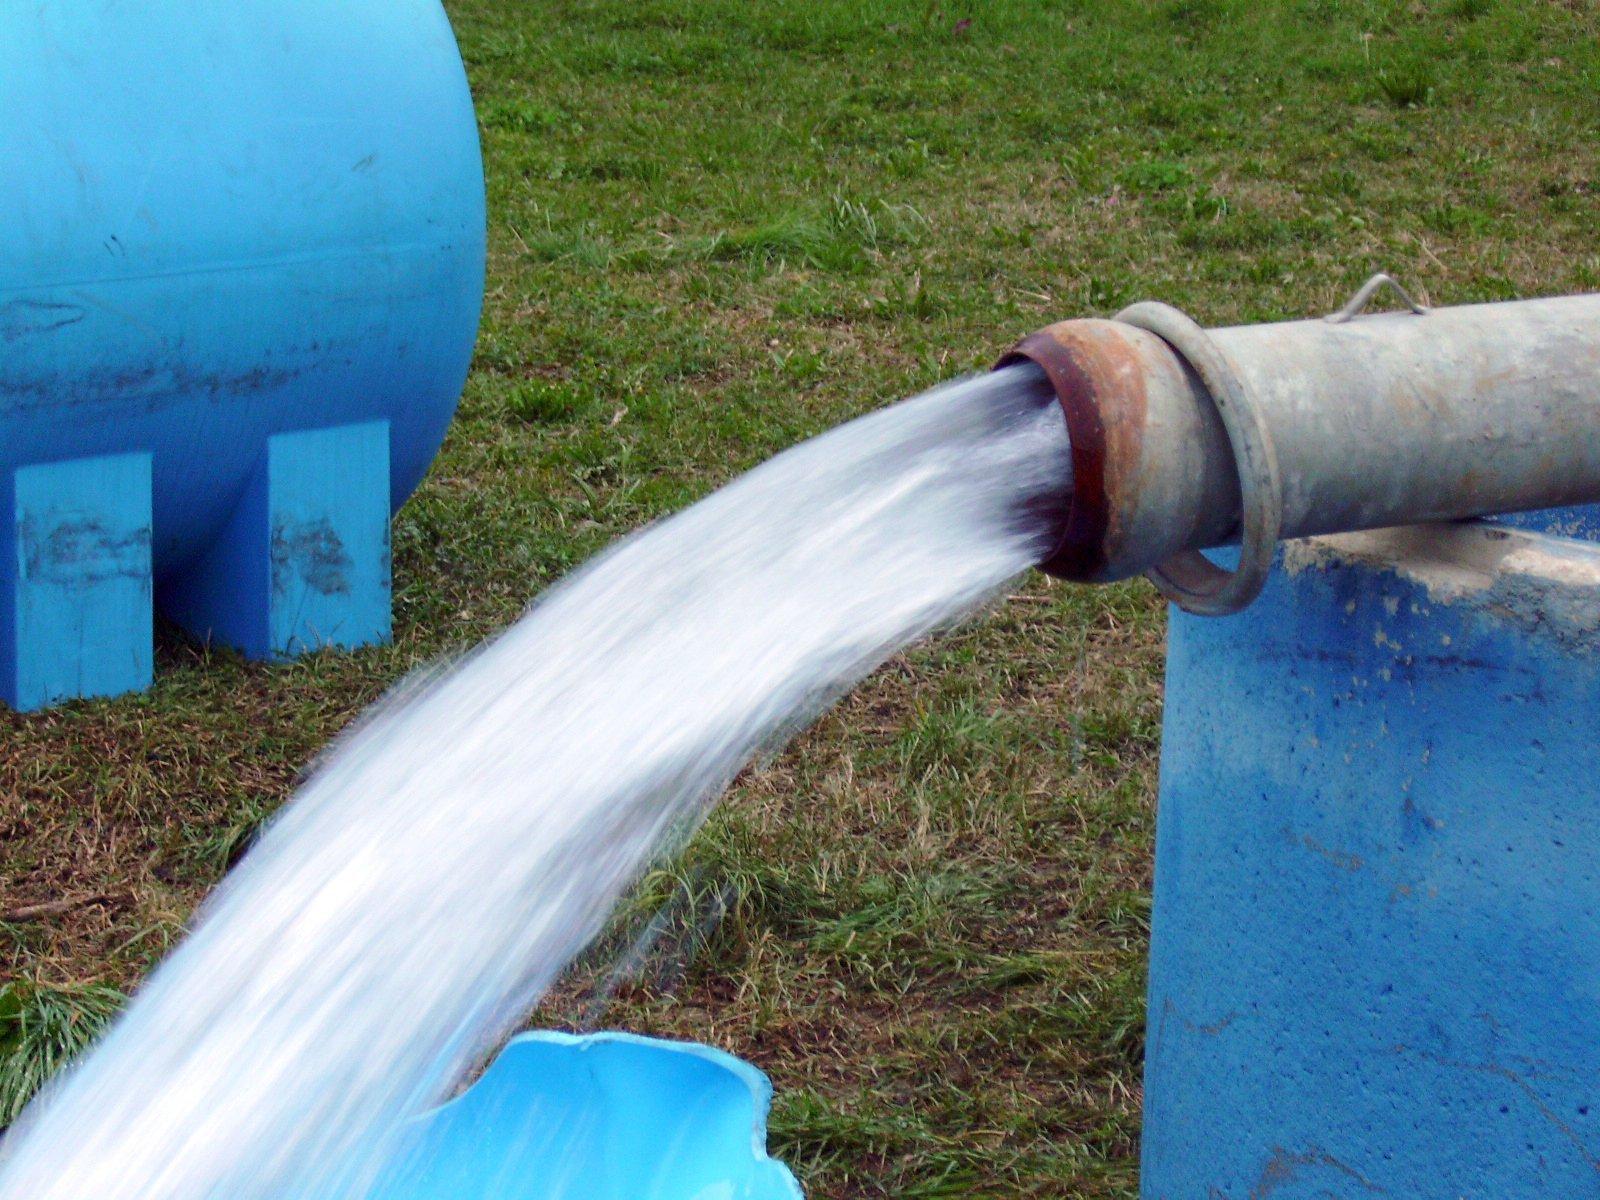 flusso d'acqua pulita che esce da un tubo